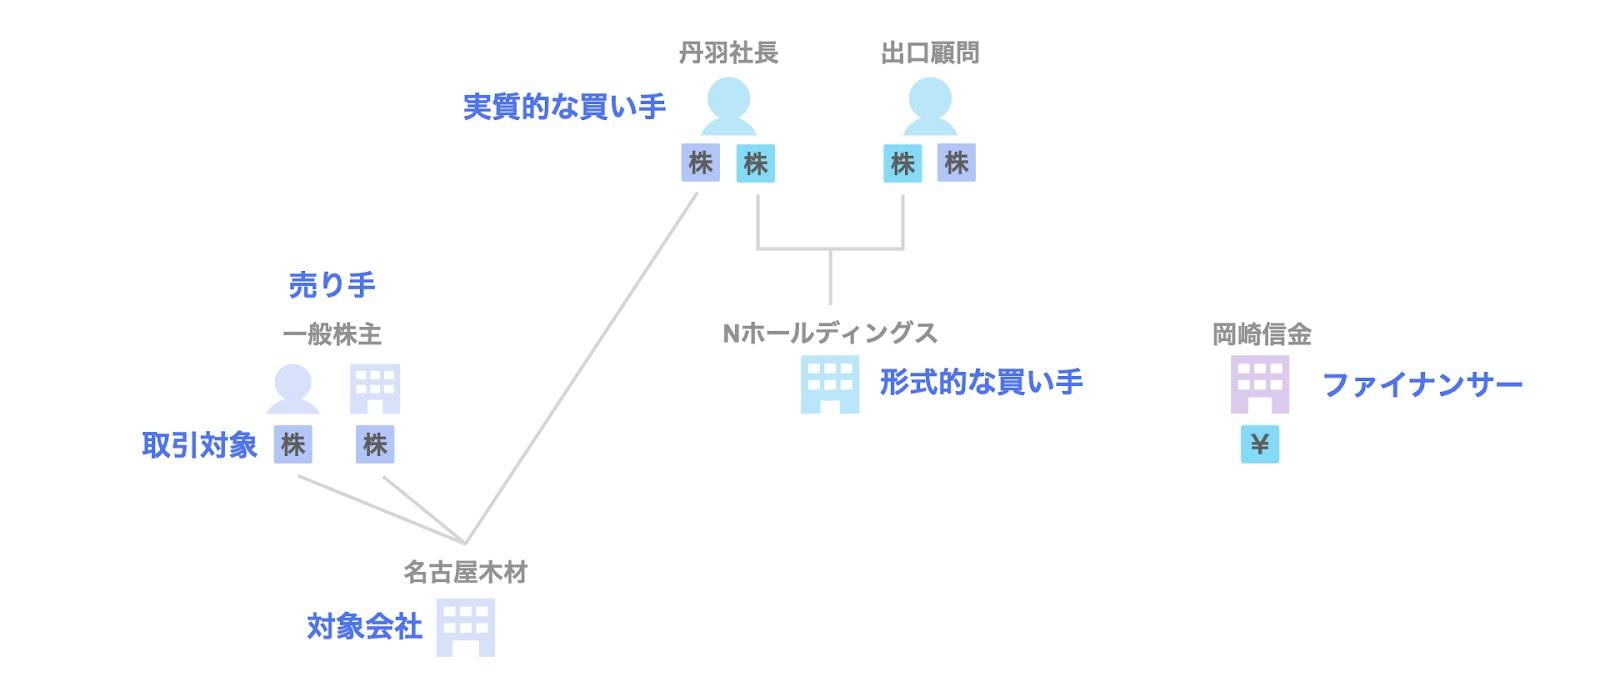 事例2. 名古屋木材のデットMBO(岡崎信金)の関係者